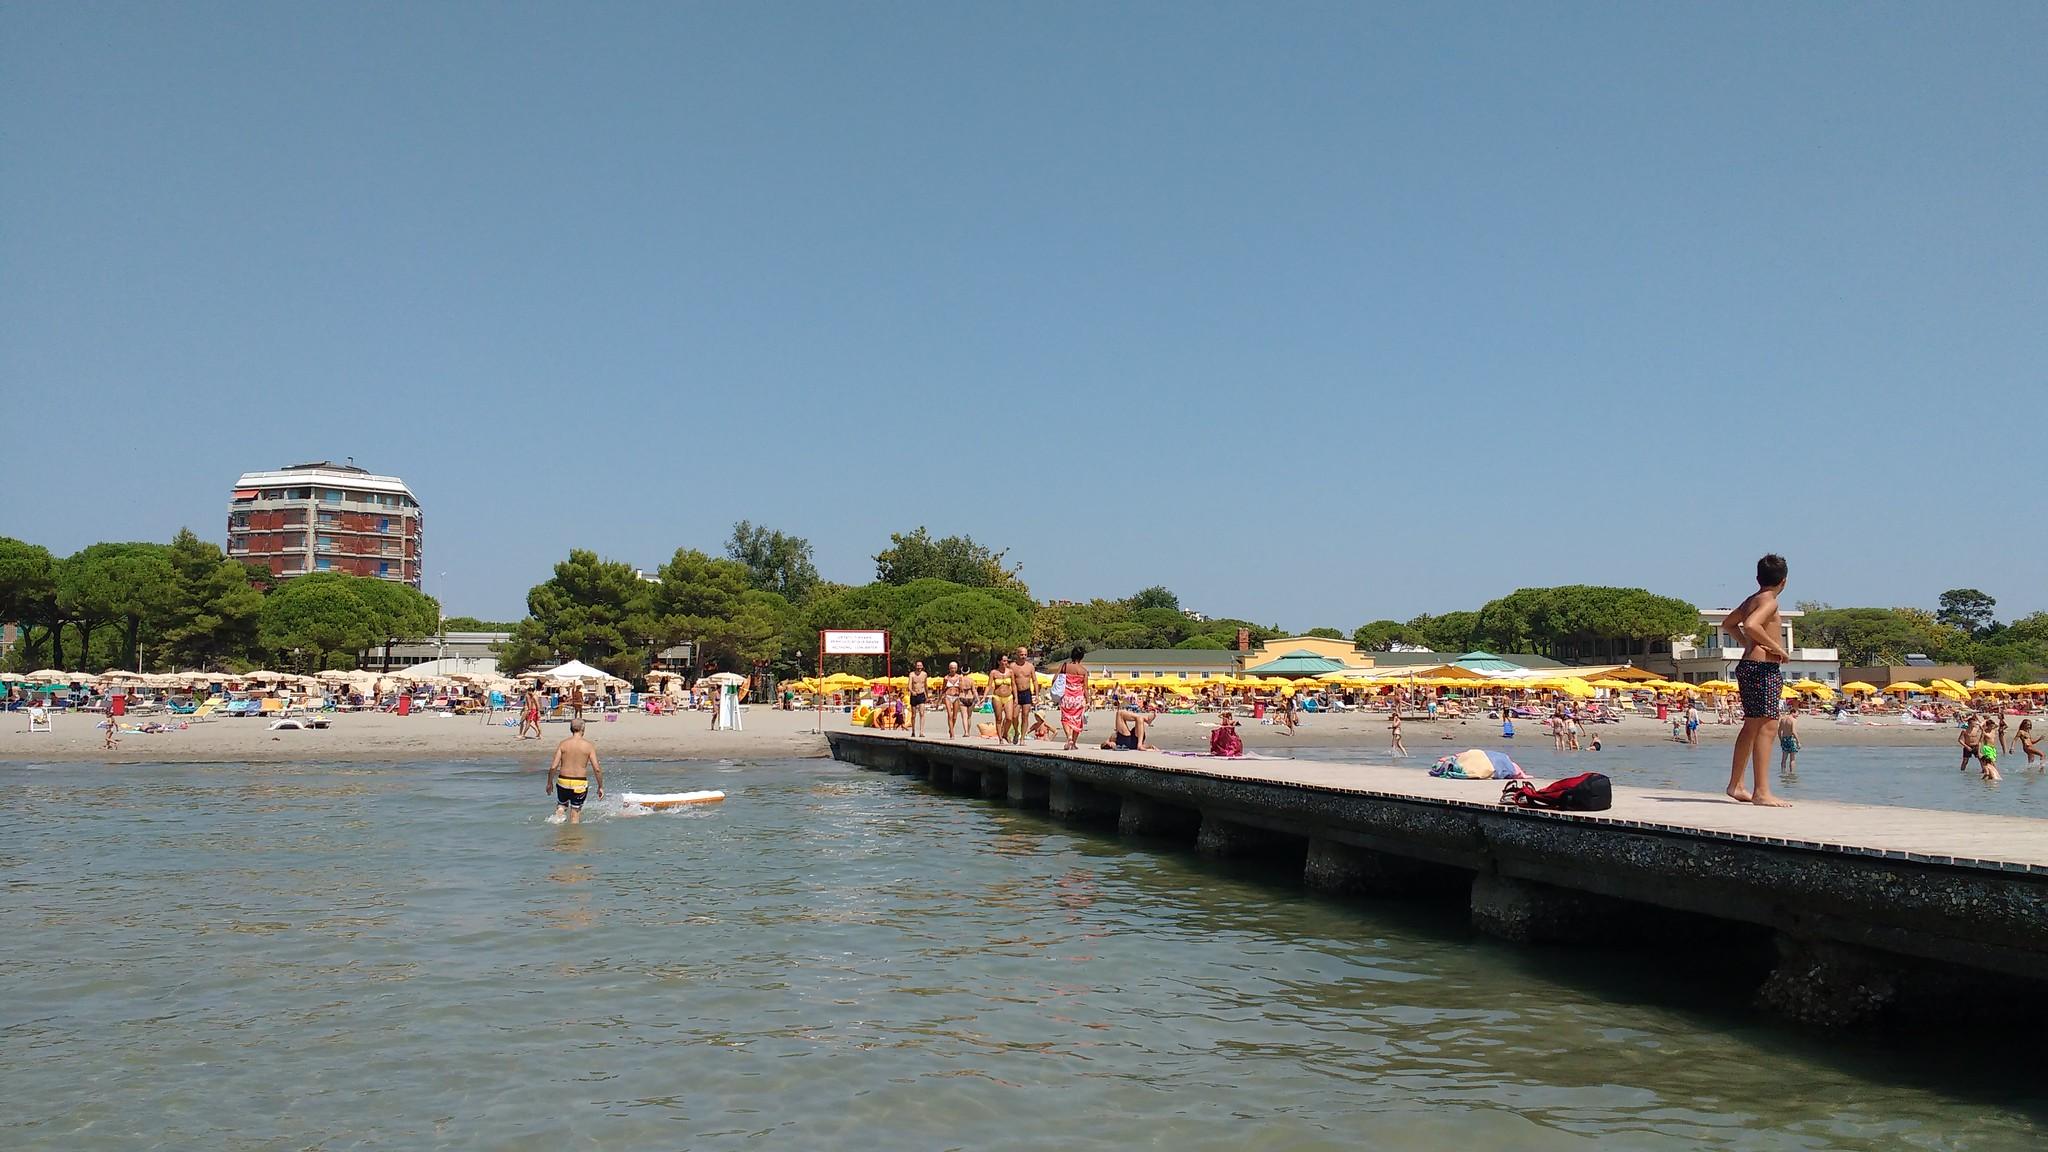 Immagine per Grado confermata tra le migliori spiagge d'Italia, da 33 anni è Bandiera Blu